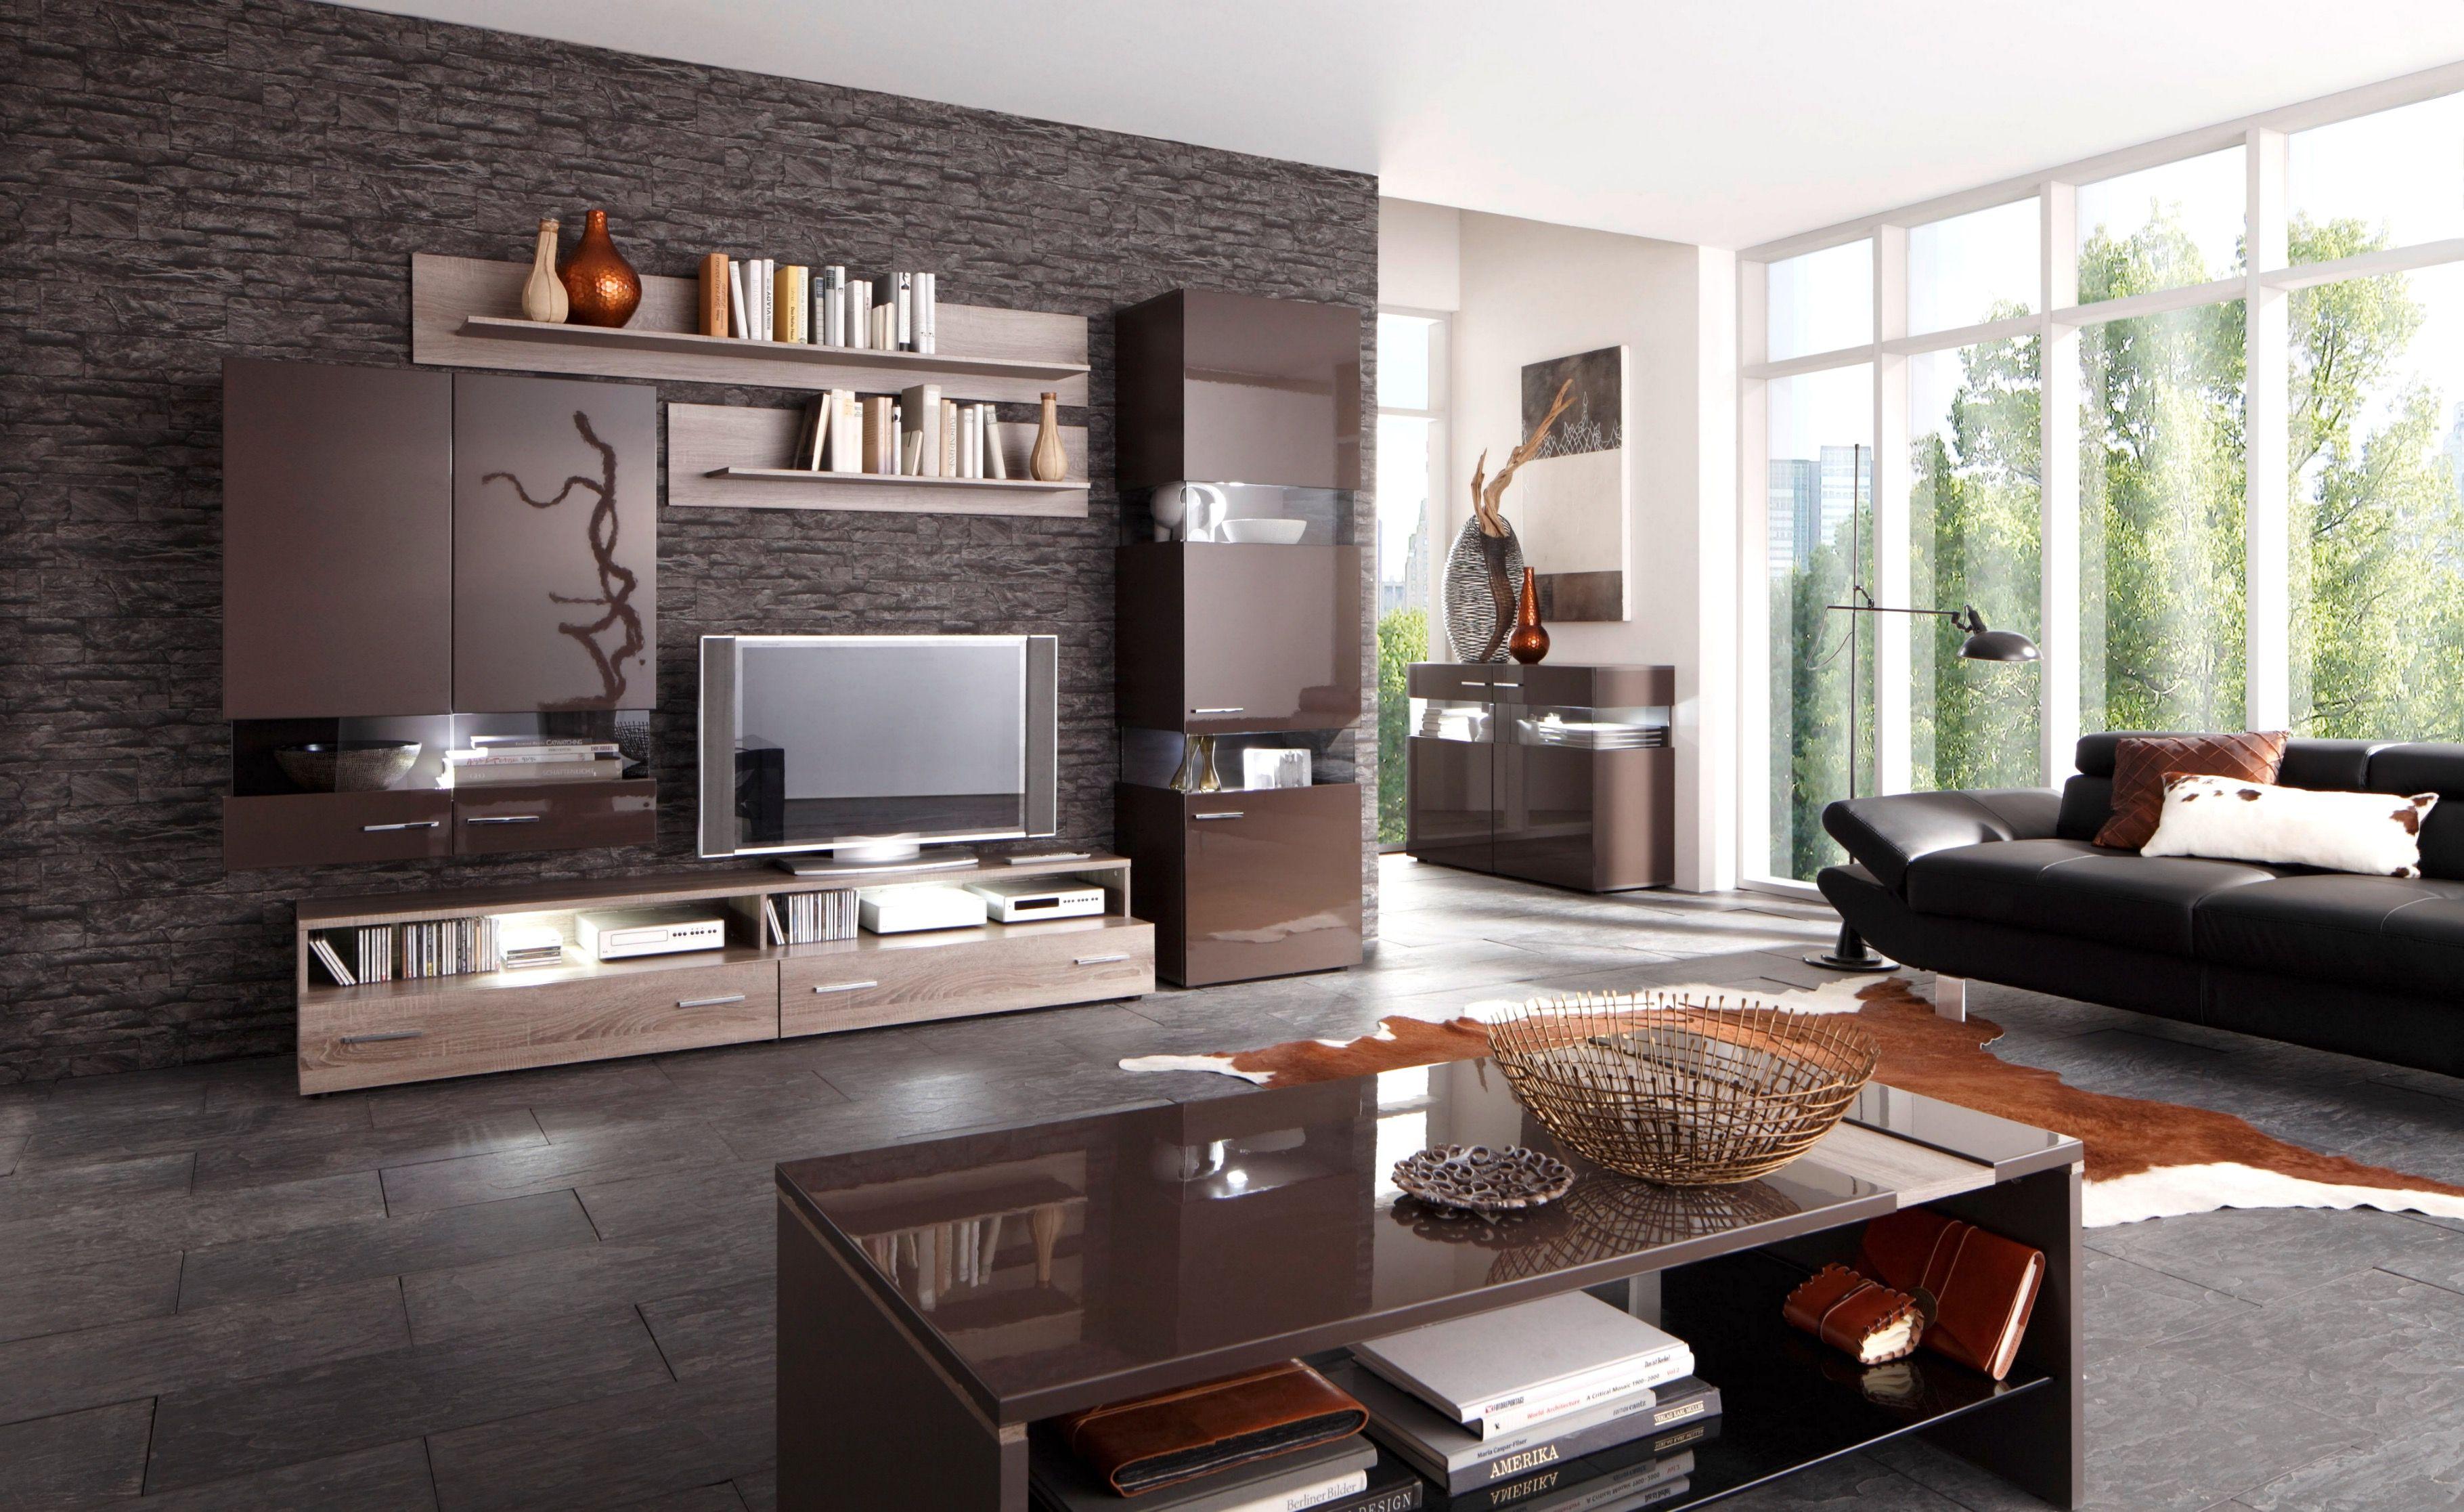 bilder wohnzimmer deko  black living room living room